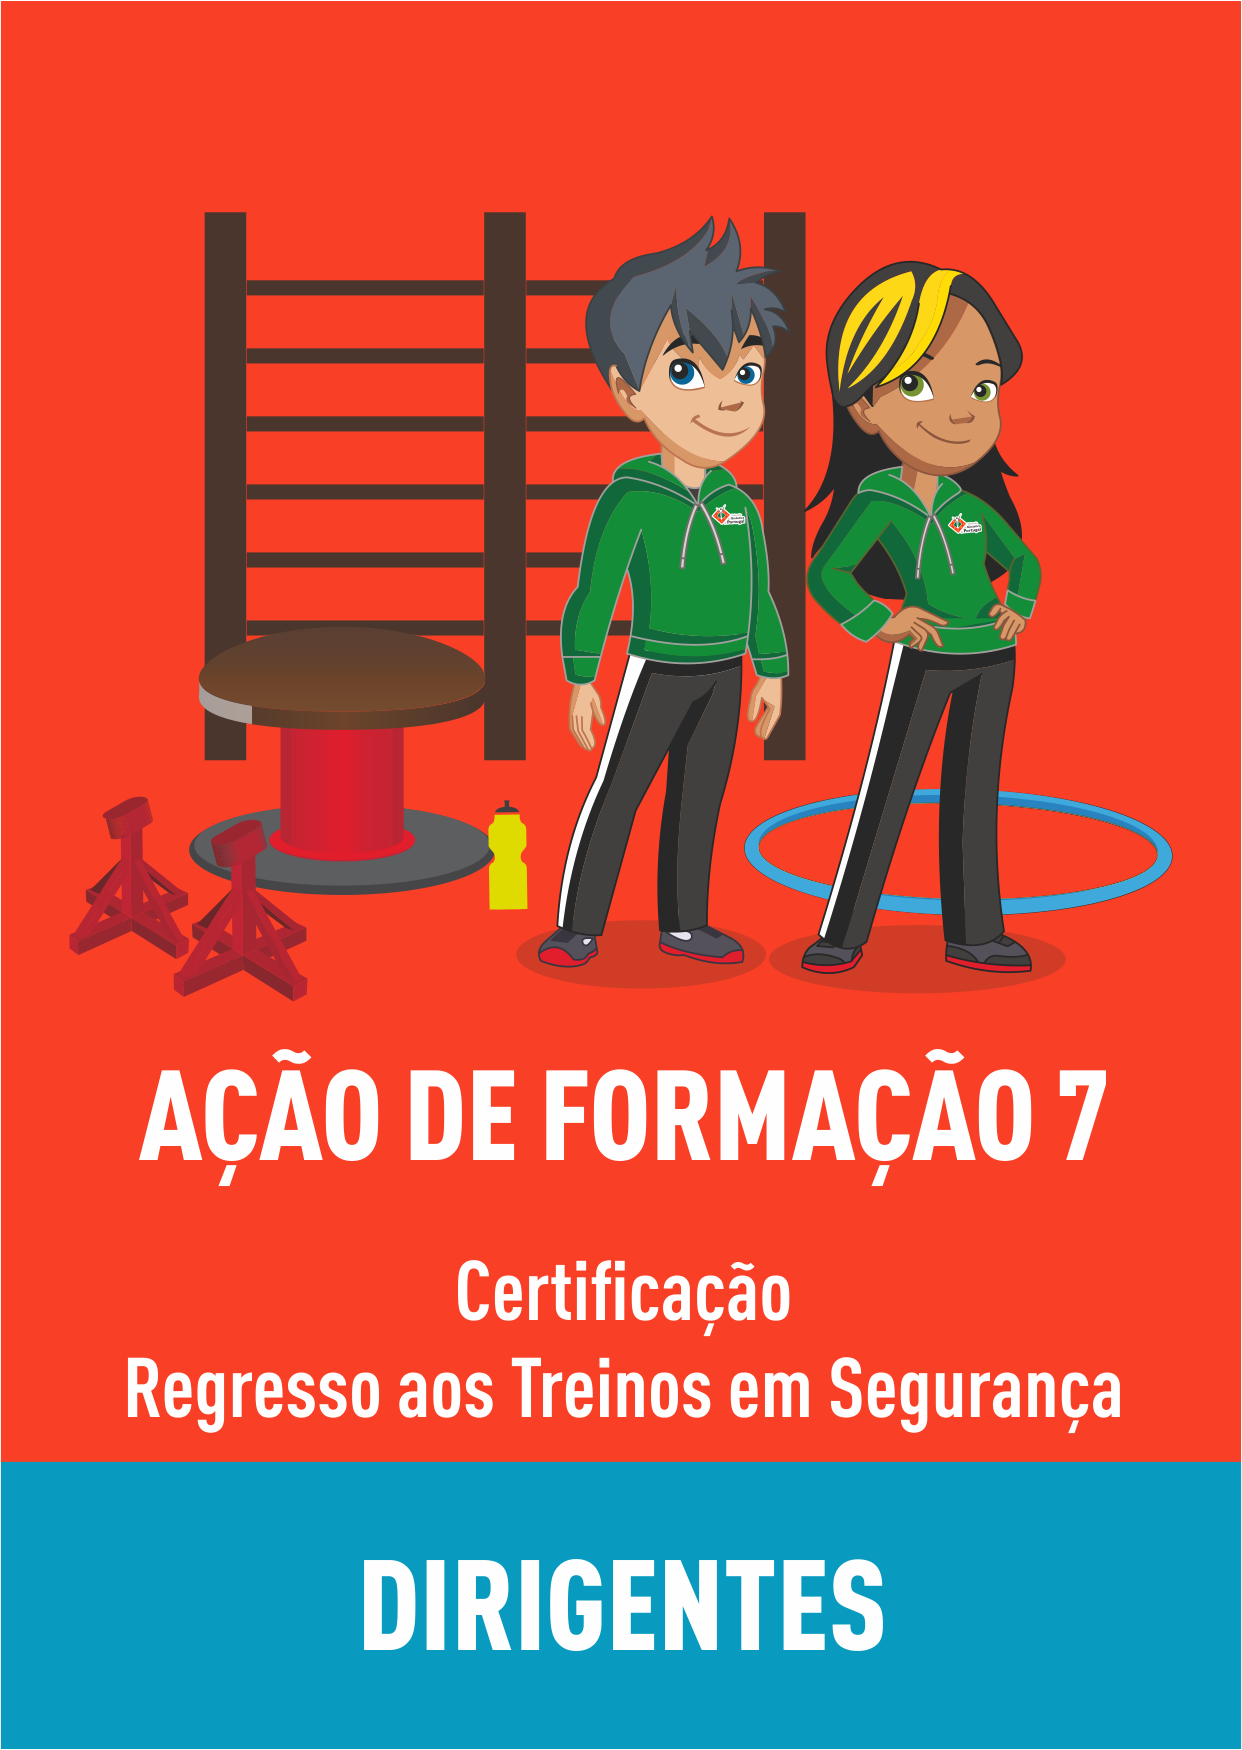 AFO 7 - CERTIFICAÇÃO REGRESSO AOS TREINOS EM SEGURANÇA – DIRIGENTES 2021